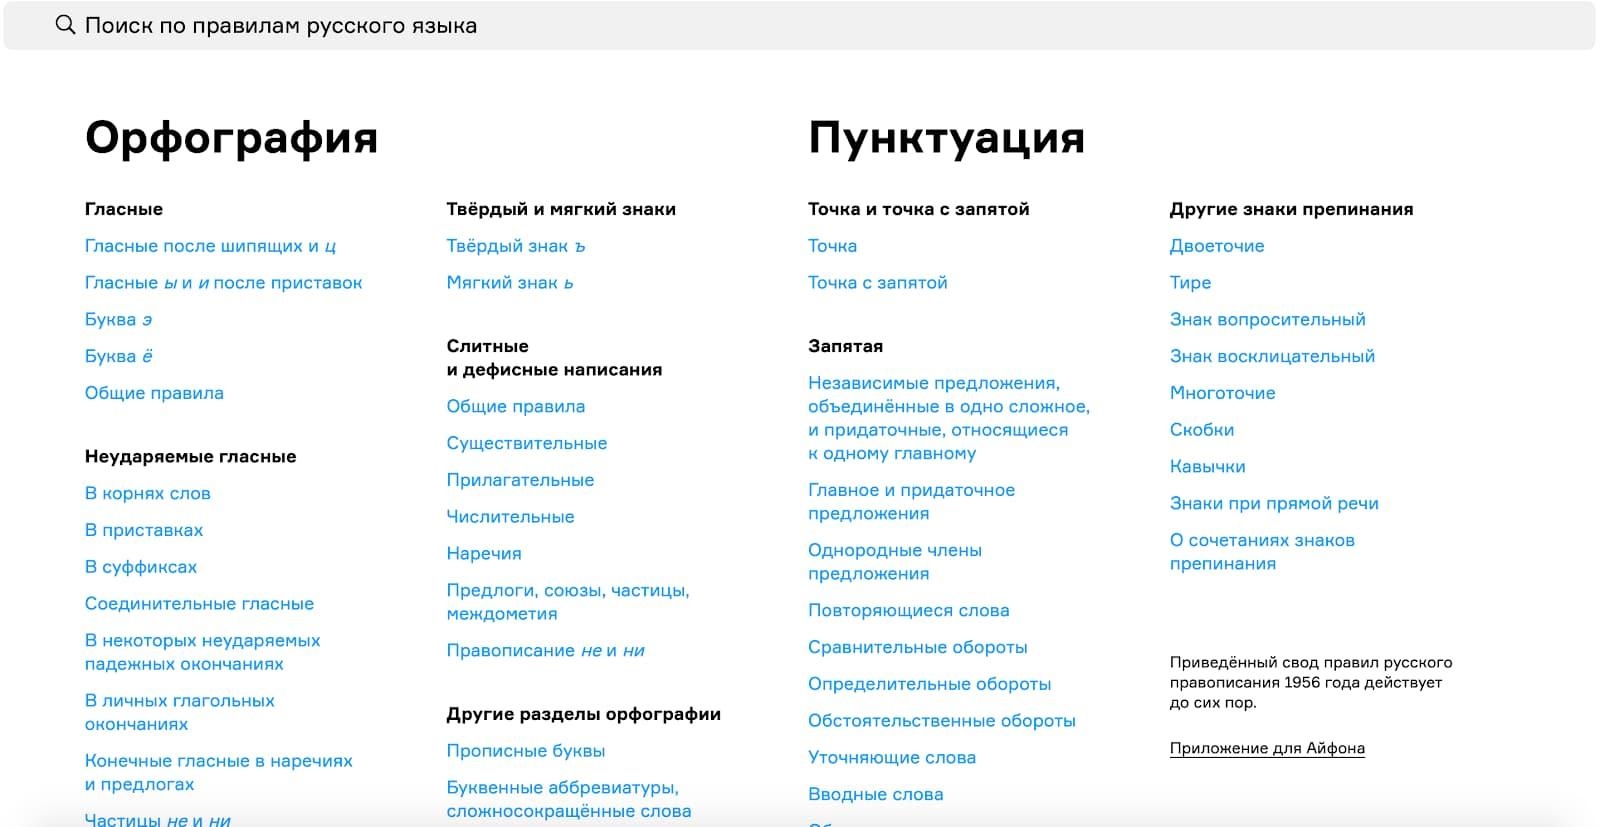 Веб-издание правил русского языка